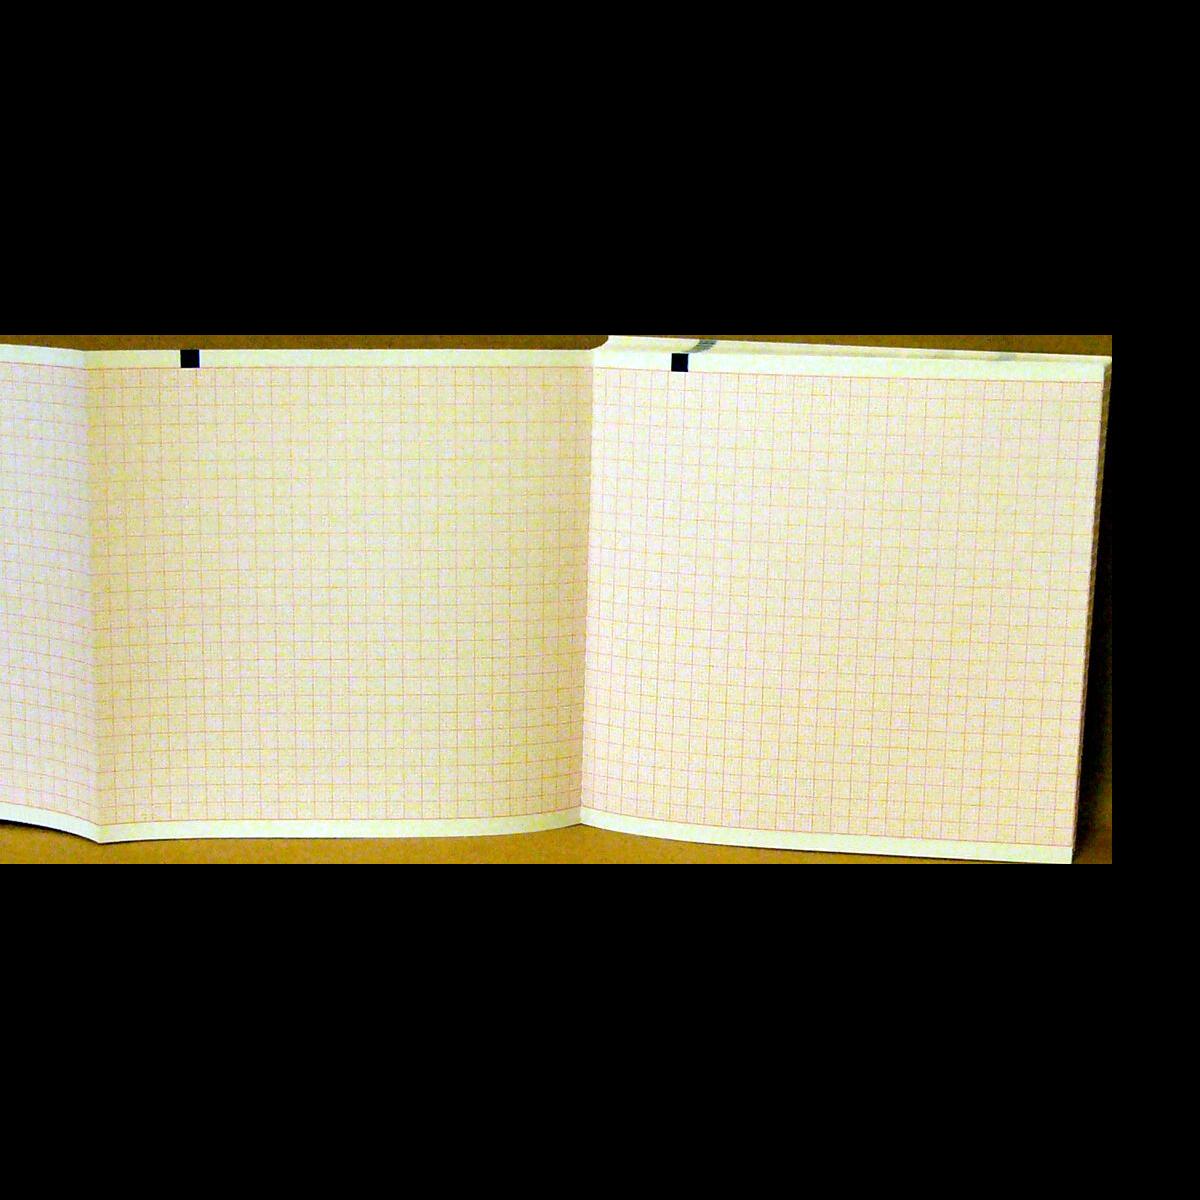 130х135х370, бумага ЭКГ Hellige EK 53/56, Cardioline, реестр 4051